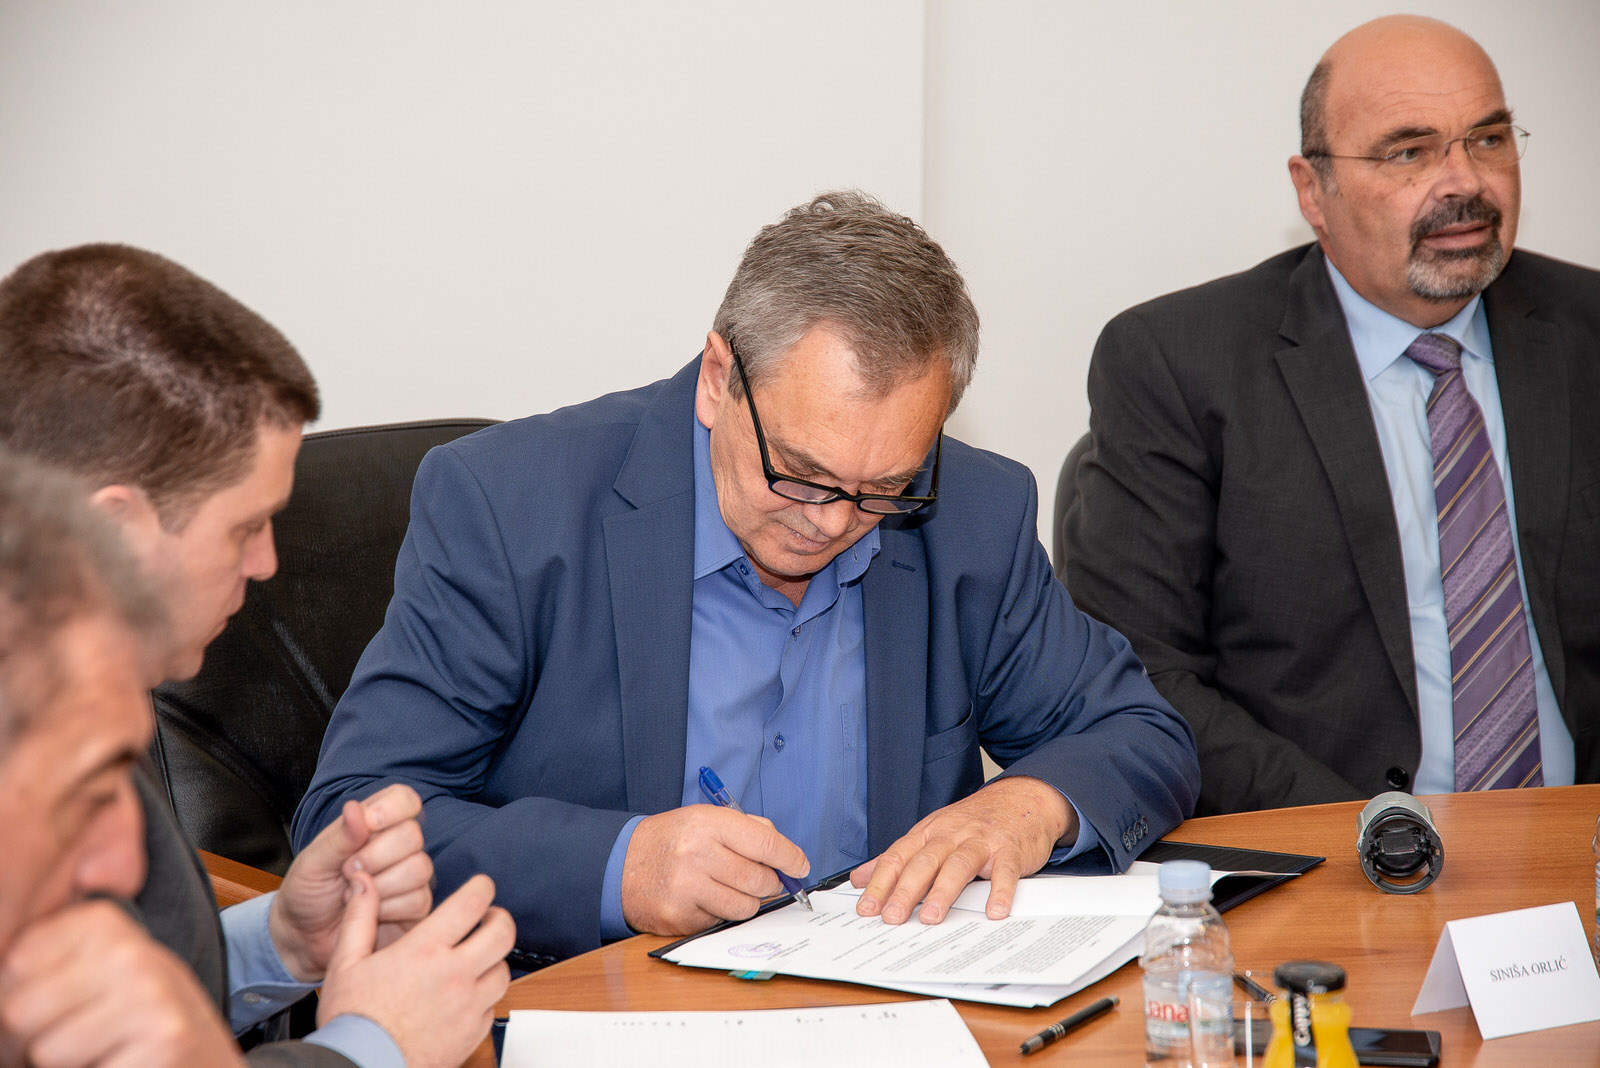 likaclub_svečanosti potpisivanja ugovora i sporazuma_lsž_28-2-2020 (35)